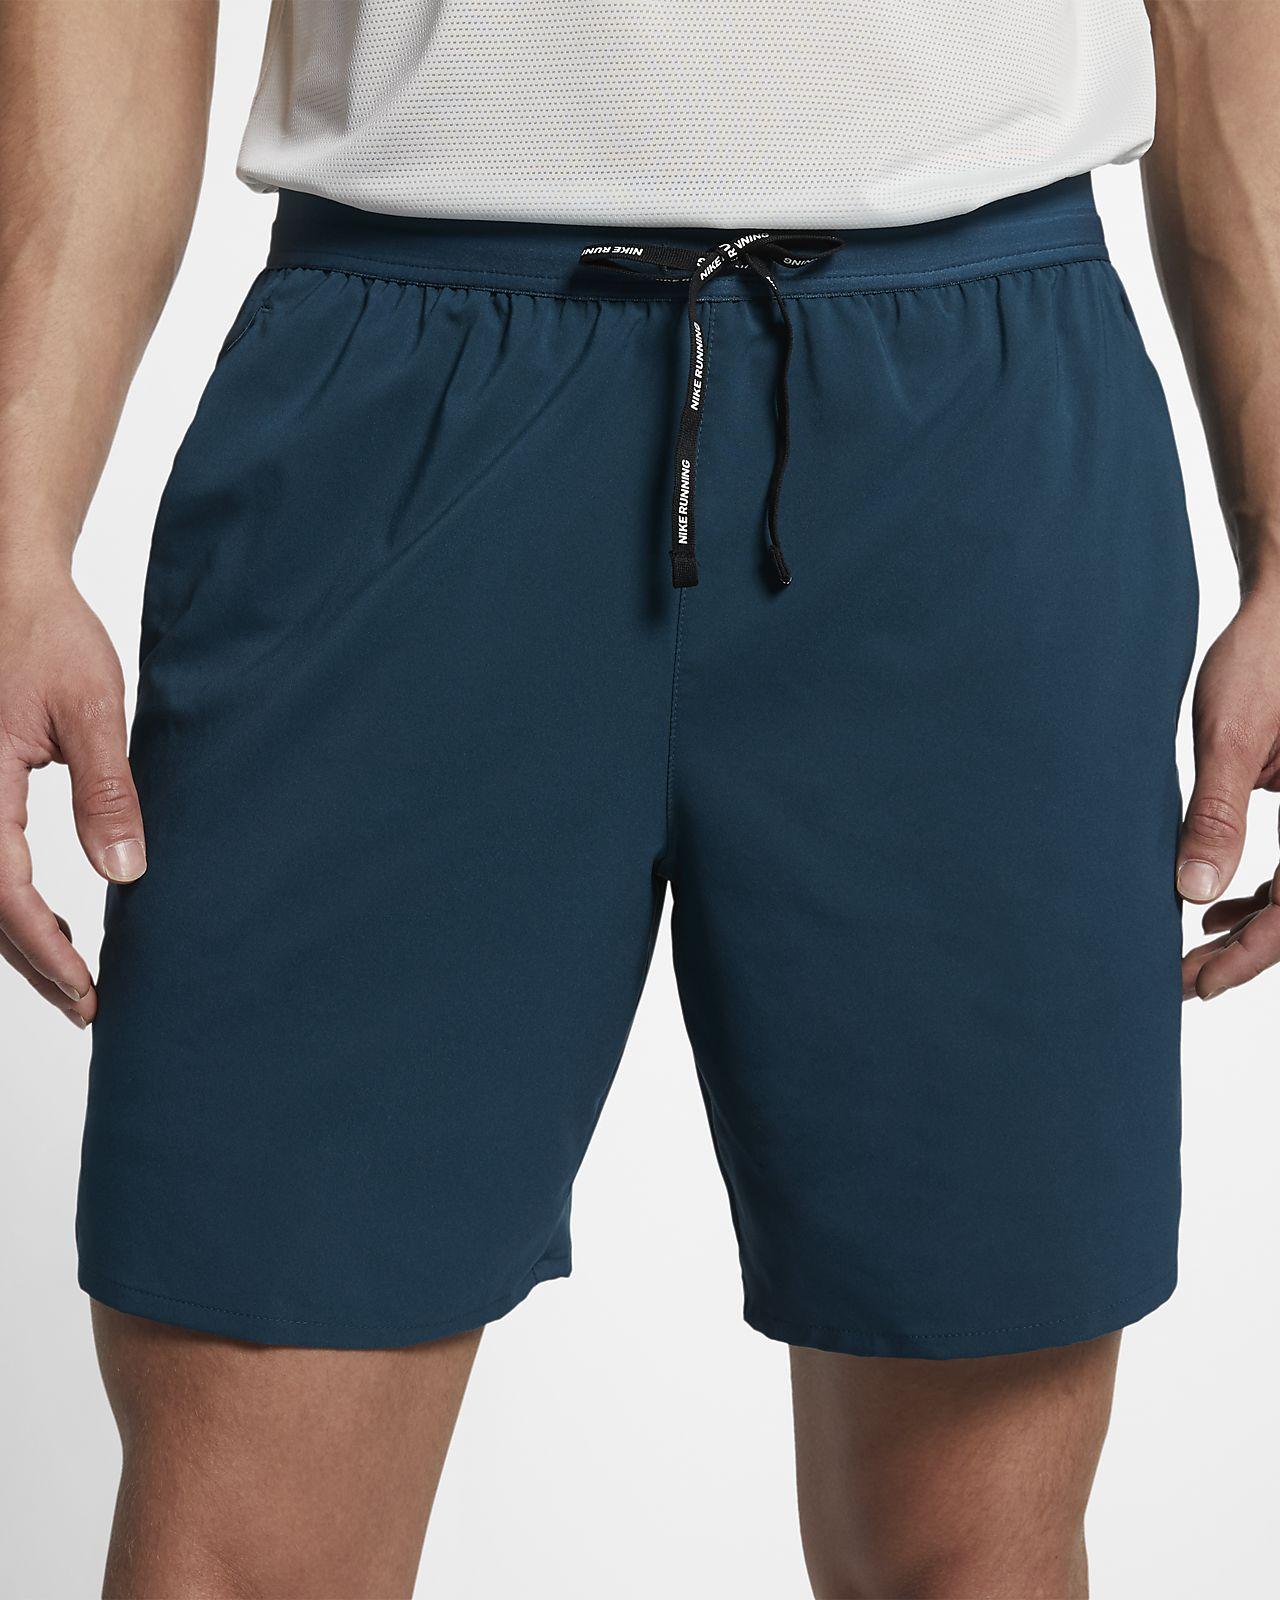 Męskie spodenki do biegania 2 w 1 18 cm Nike Dri-FIT Flex Stride